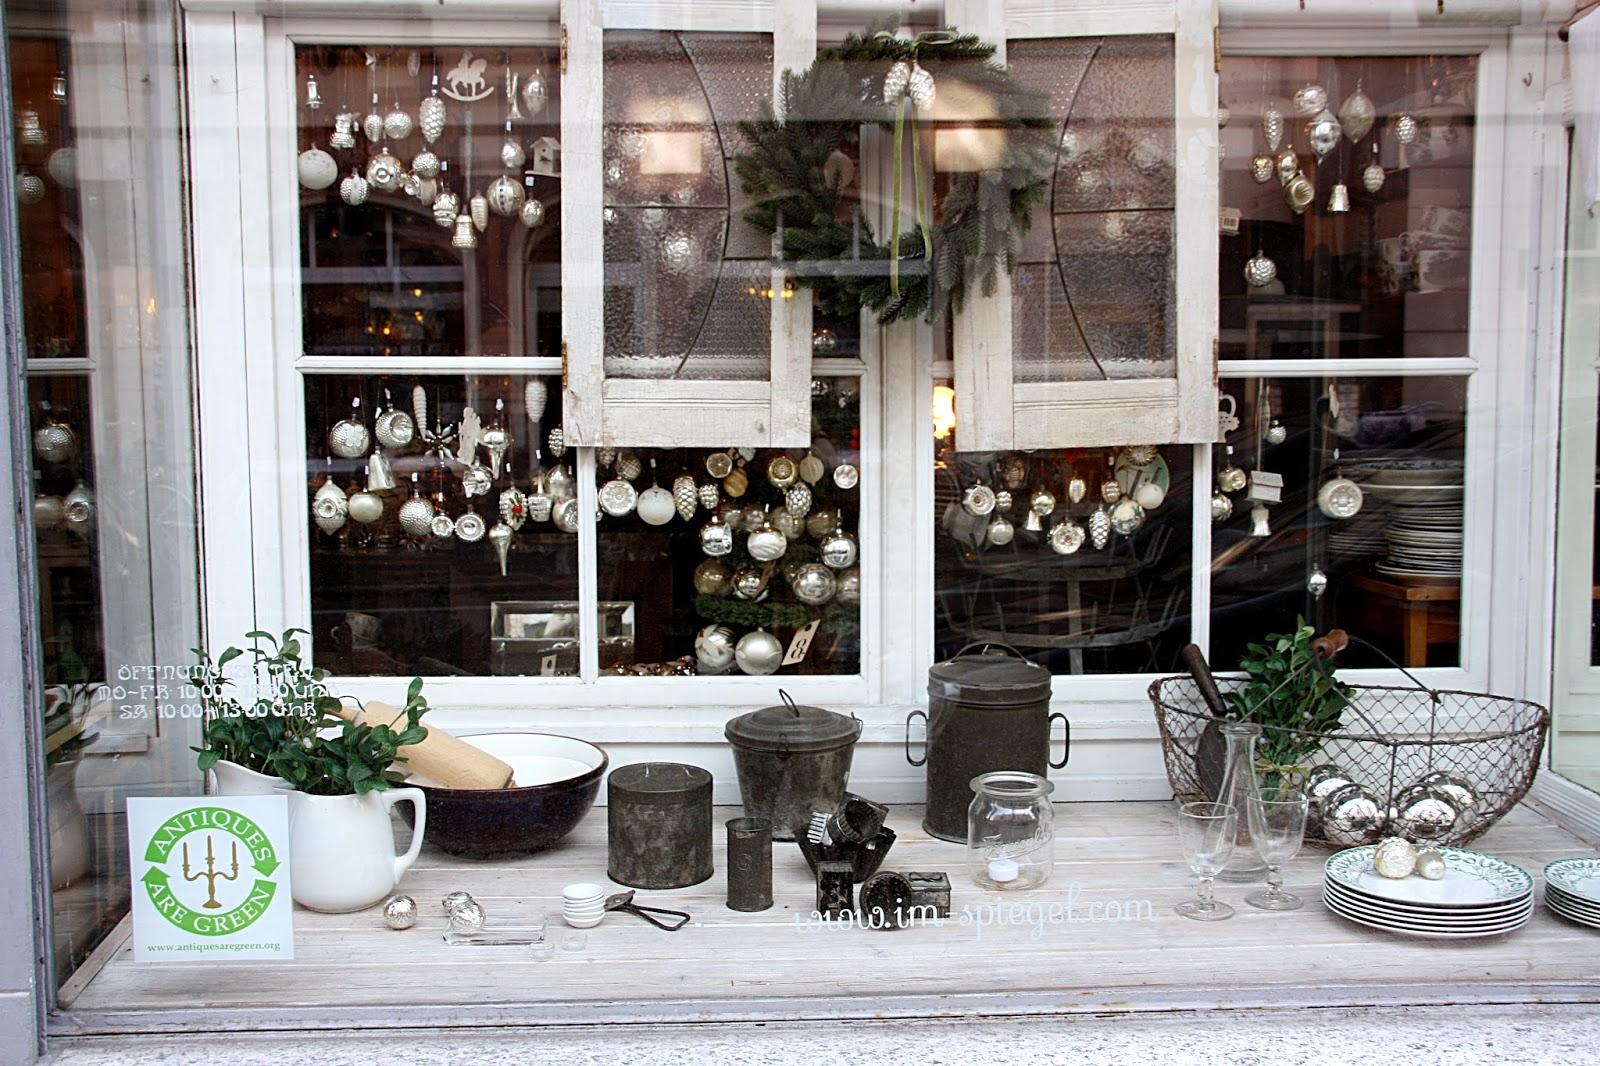 imspiegel weihnachtsdekoration 2013 1. Black Bedroom Furniture Sets. Home Design Ideas